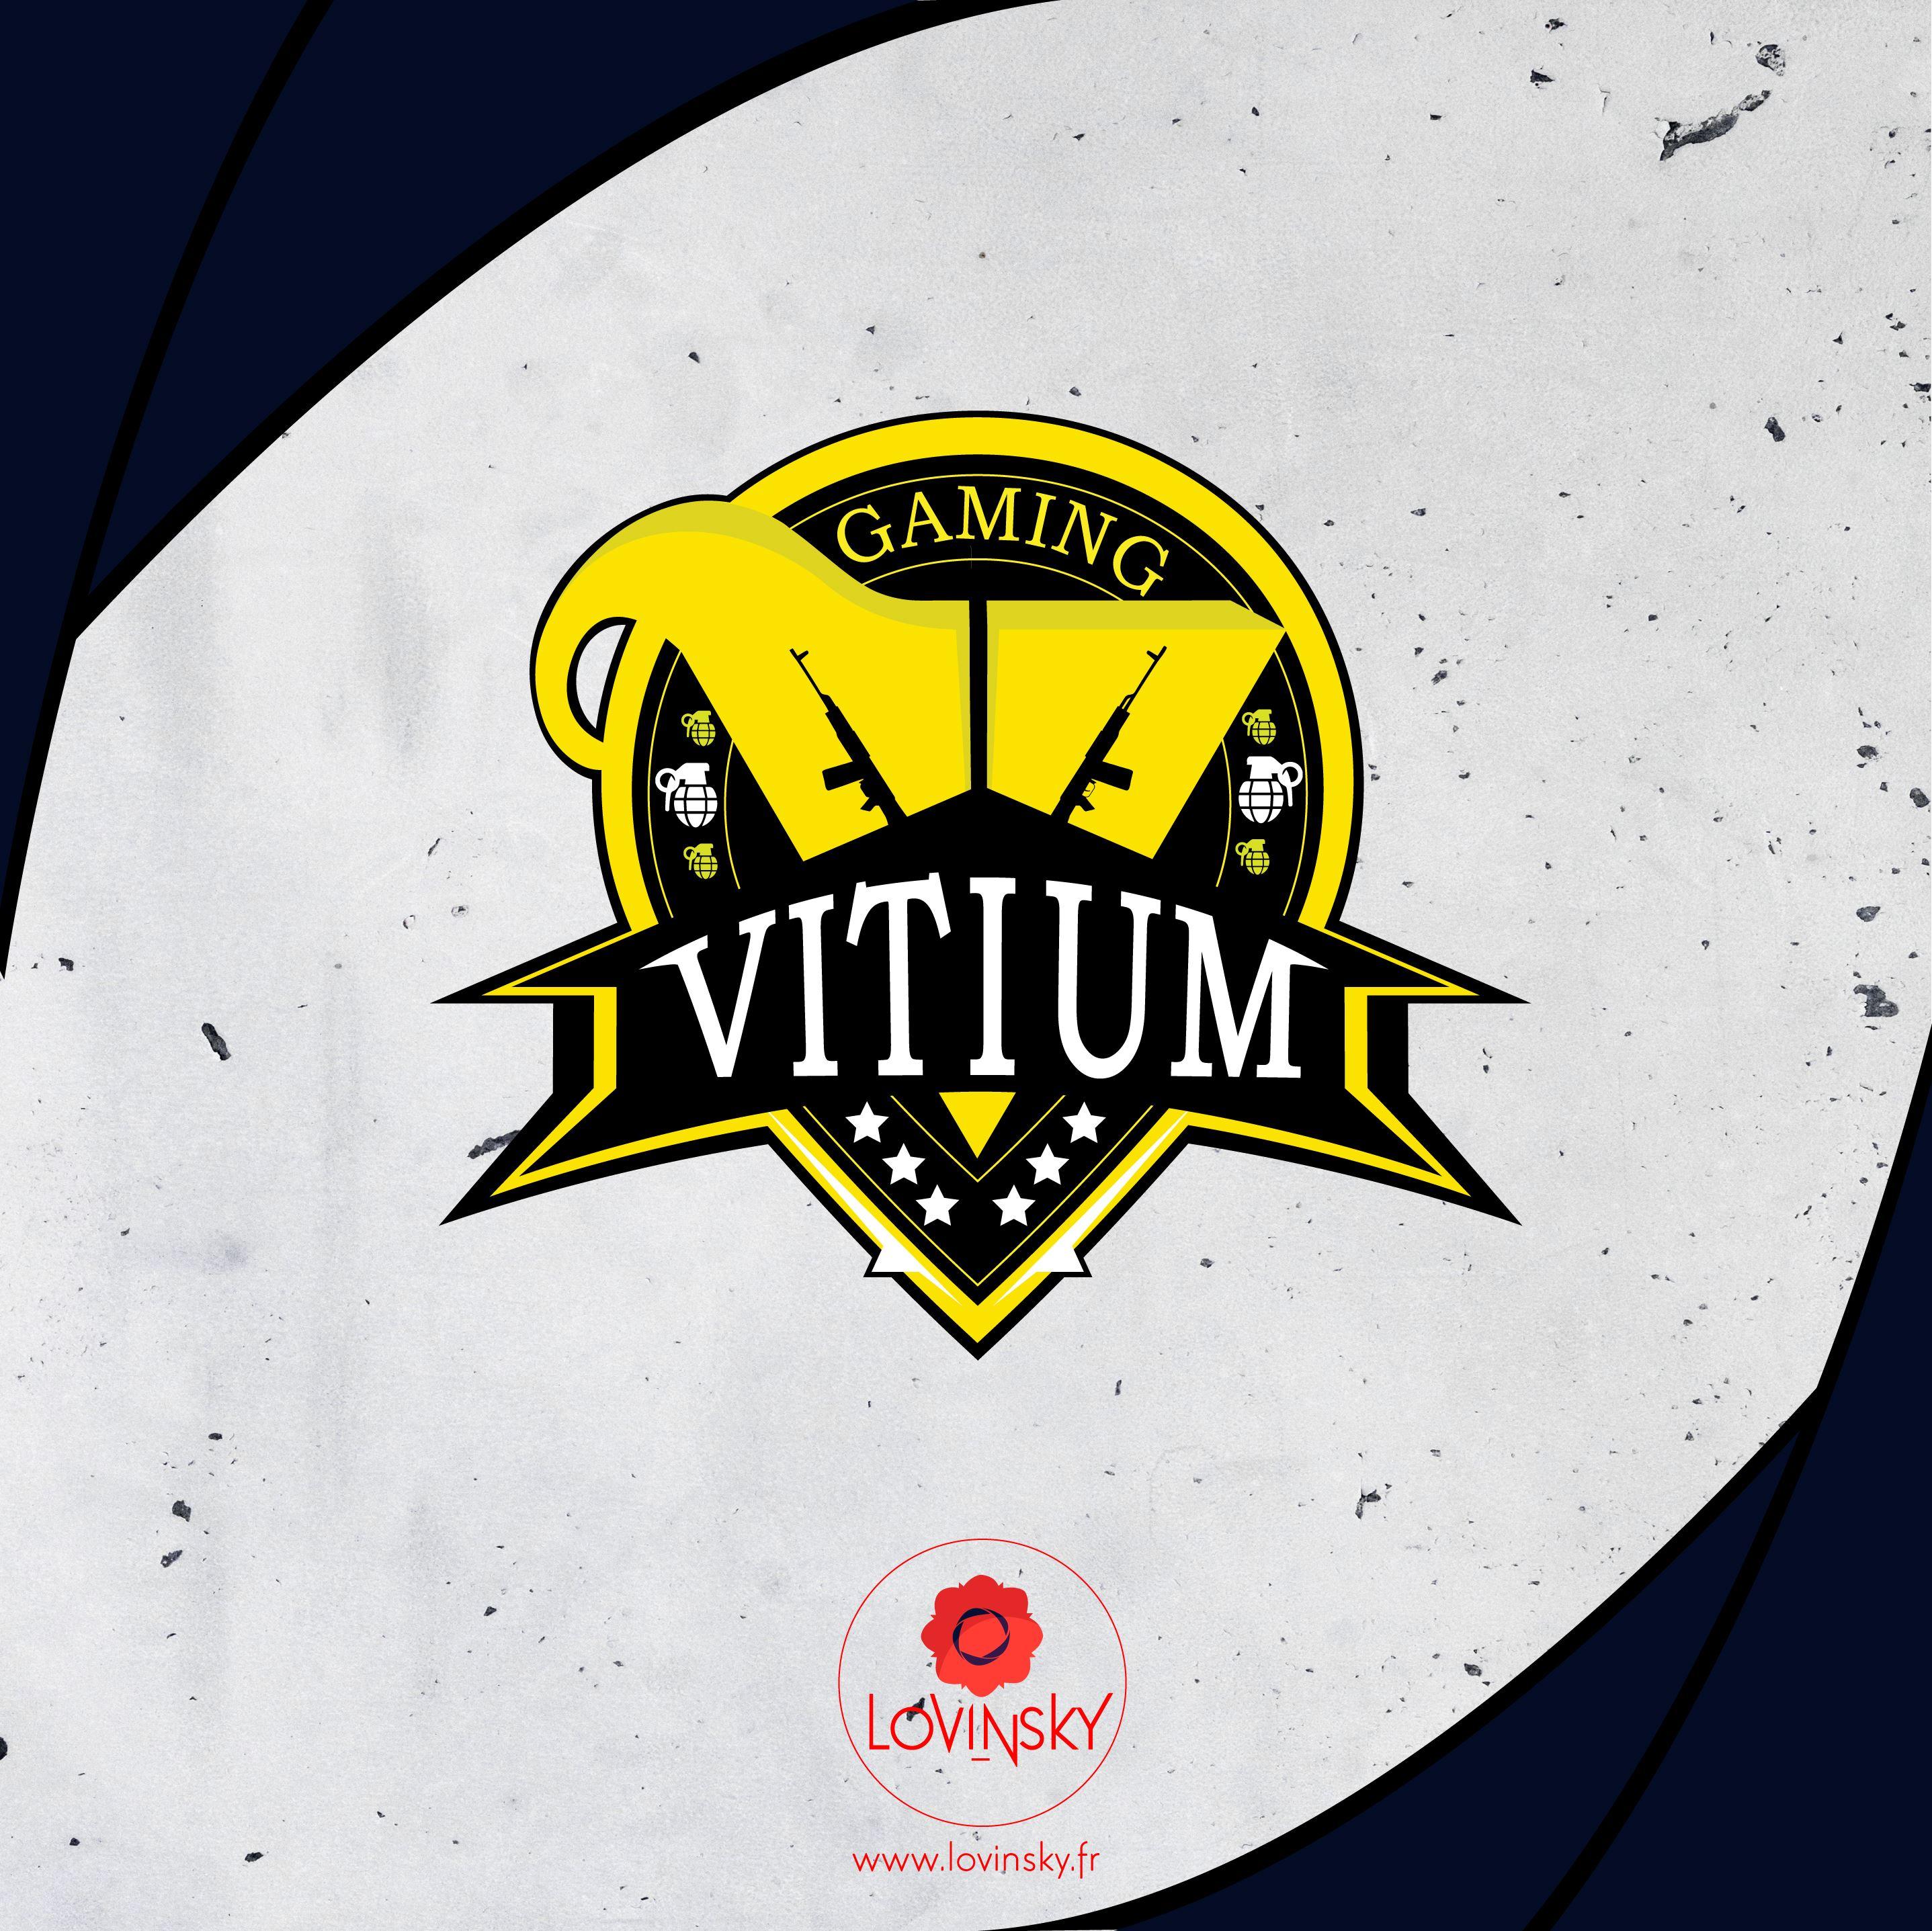 Vitium logo lovinsky graphiste webdesigner freelance nantes 44